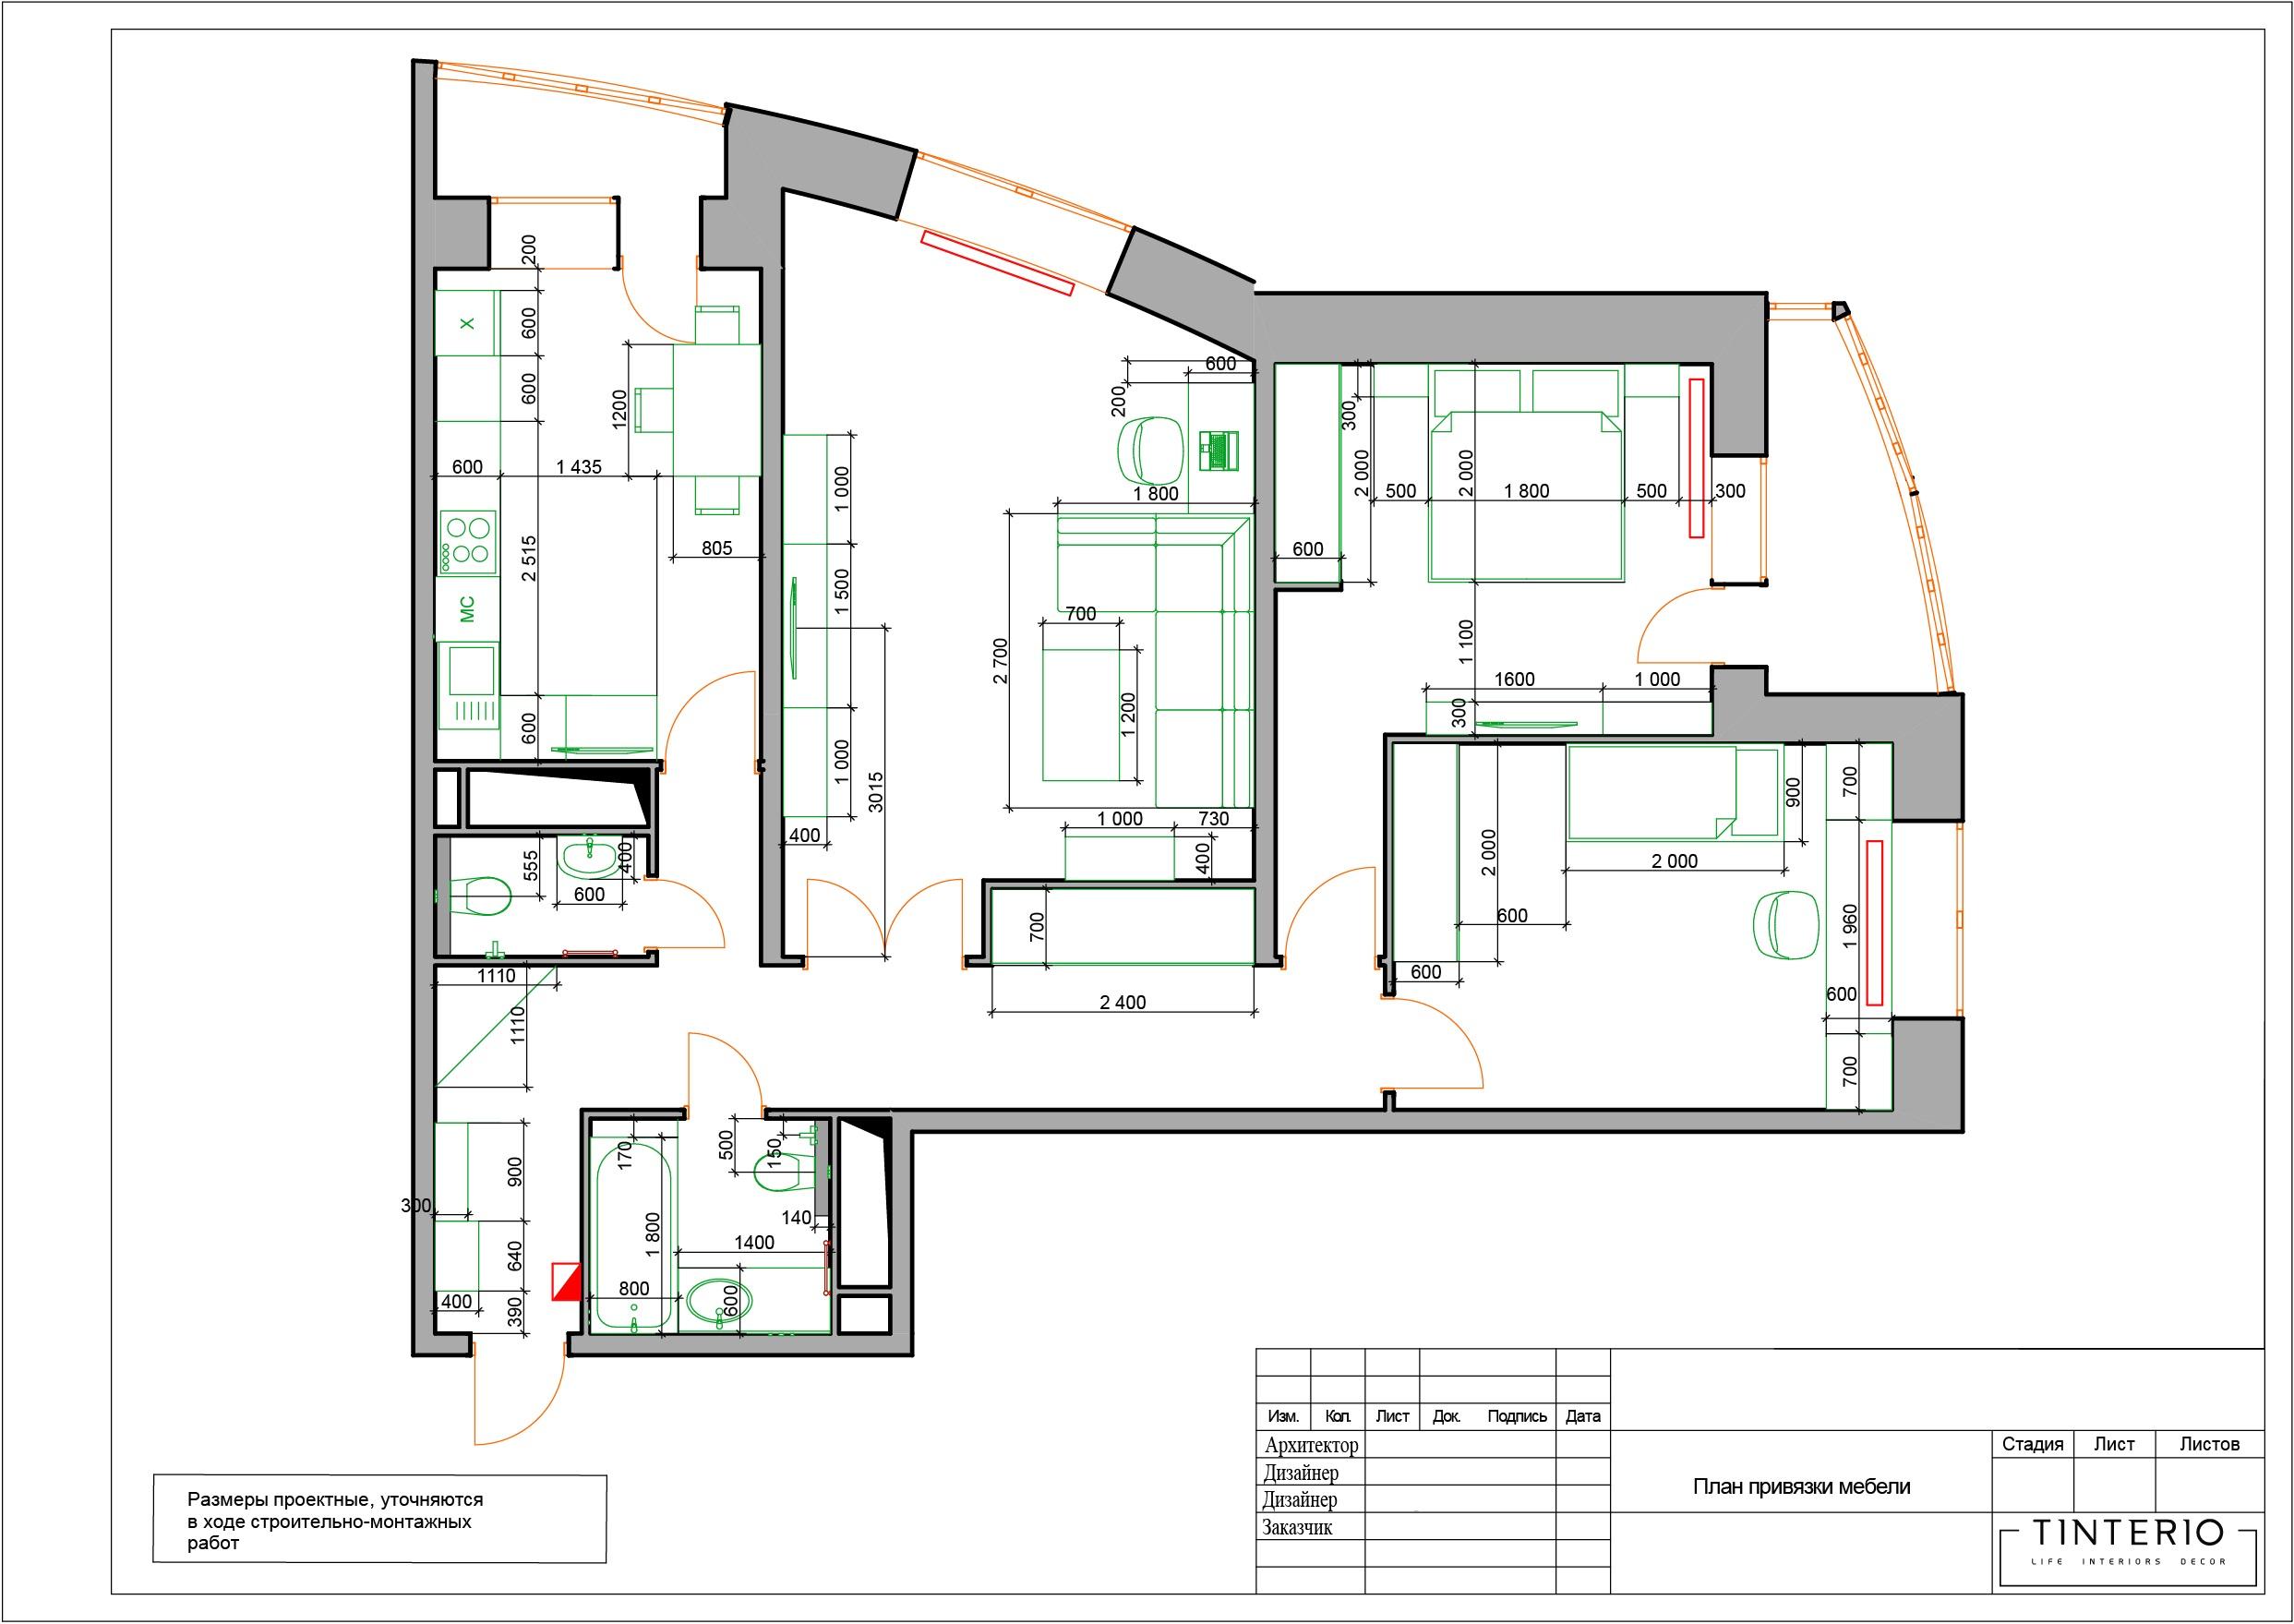 8_план привязки мебели